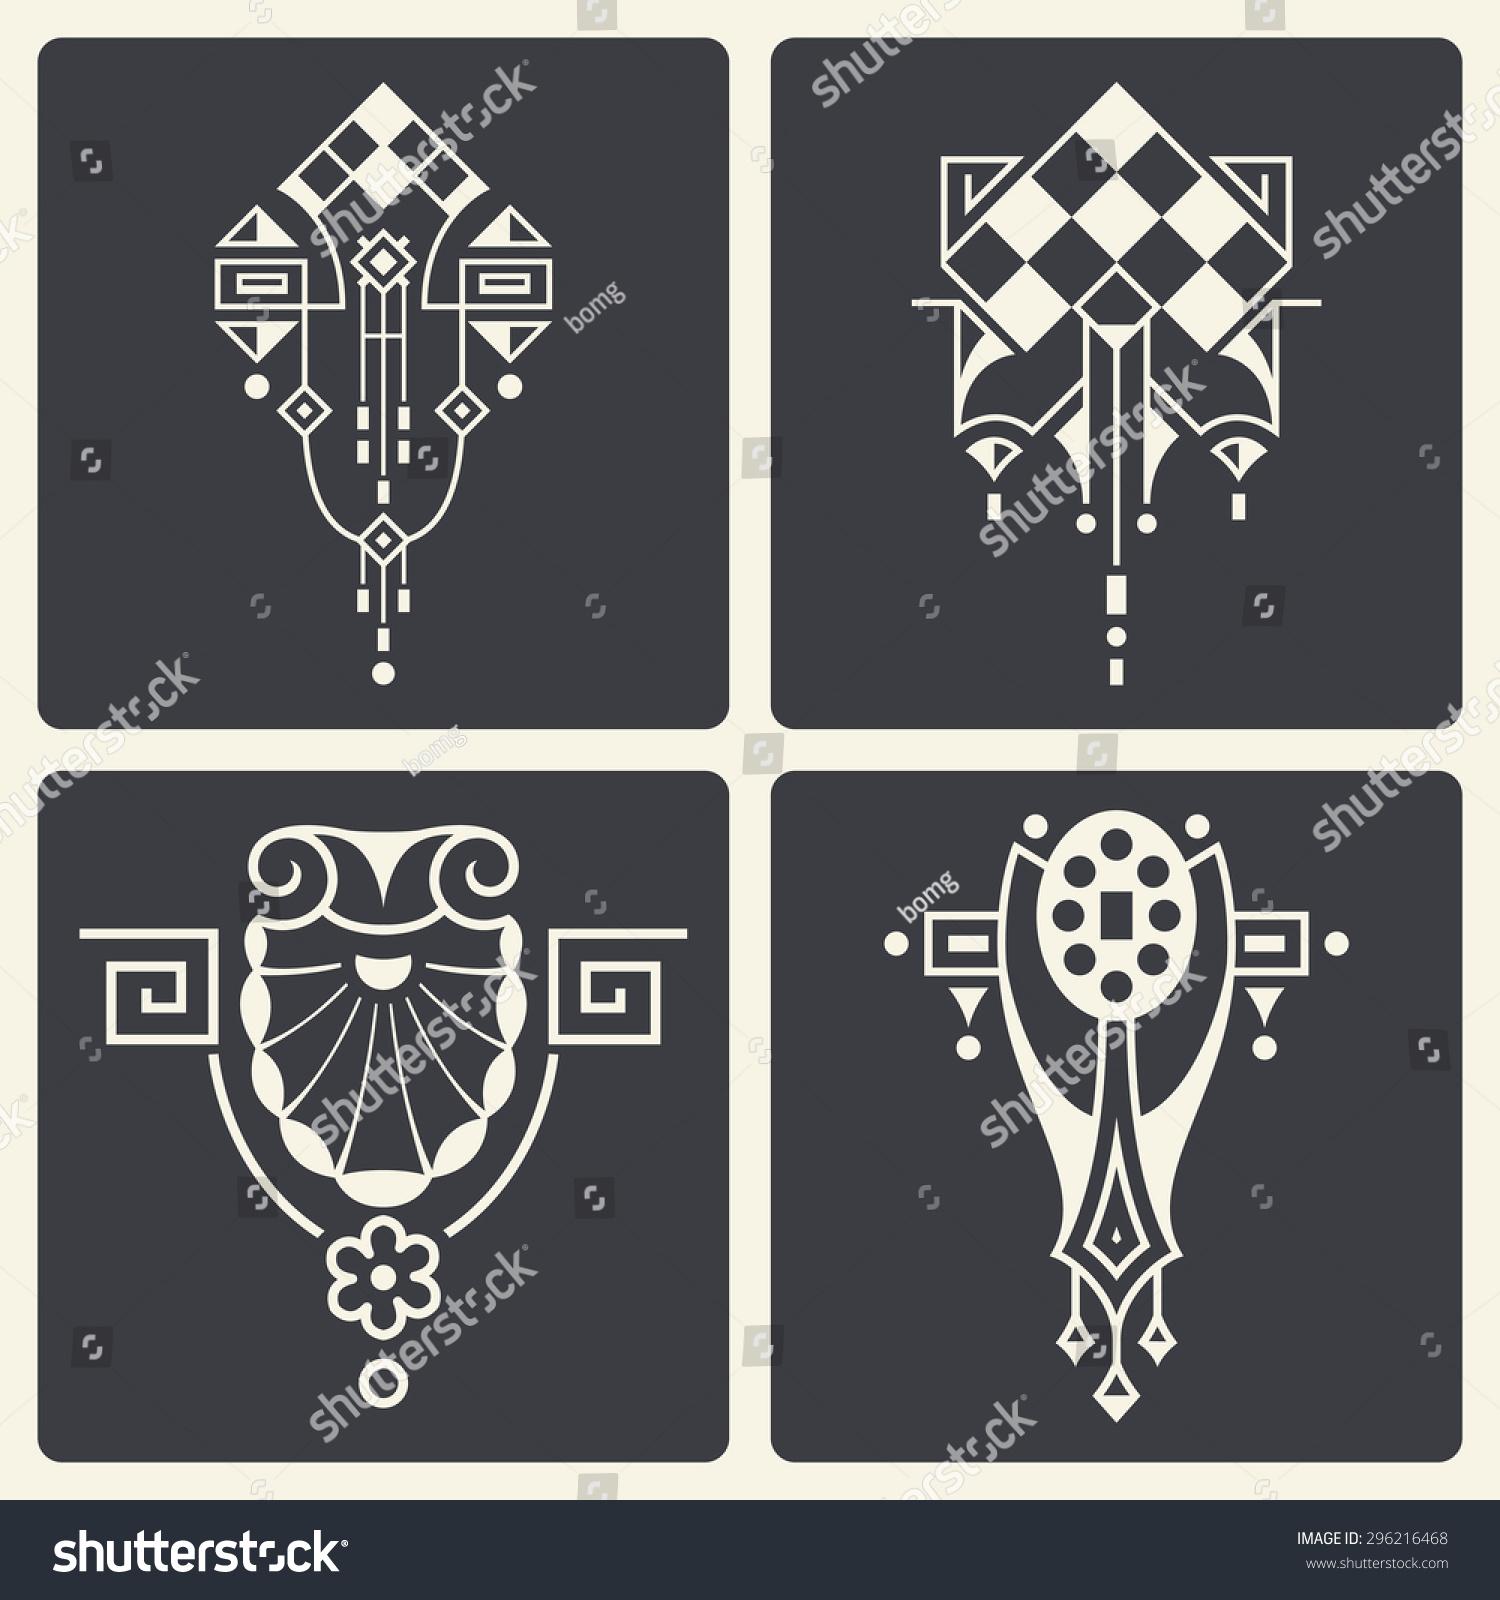 Art deco ornaments - Vector Abstract Art Deco Ornaments